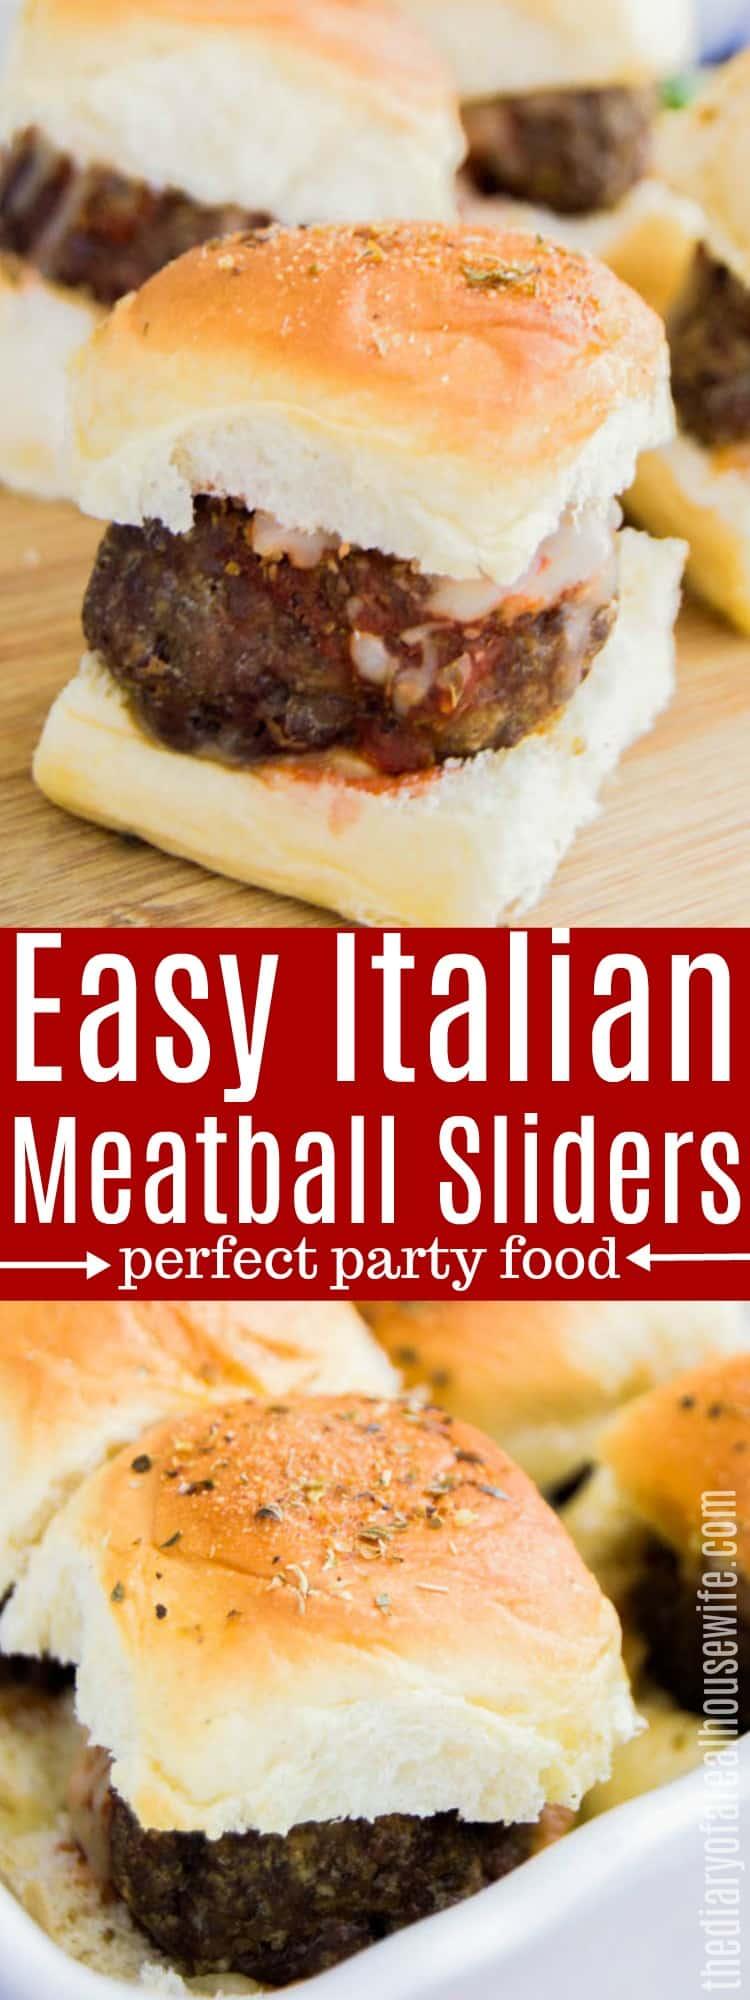 Meatball Italian Sliders